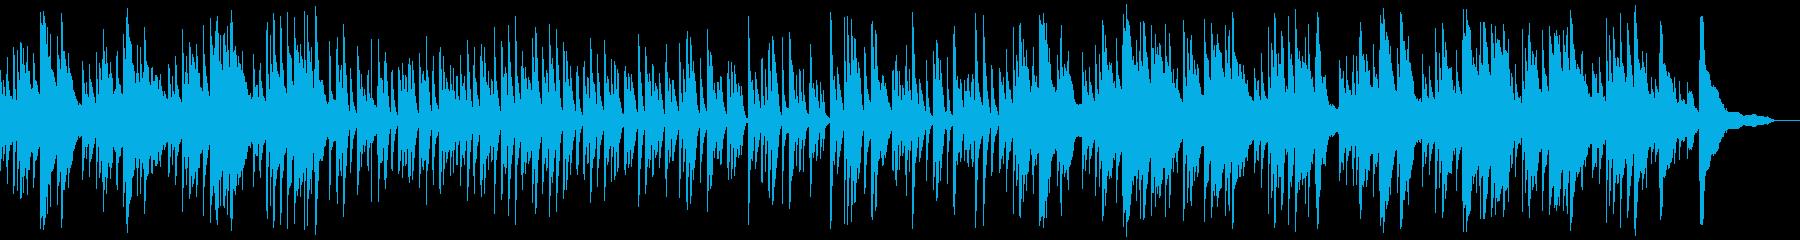 アニメシーンに合いそうな優しいピアノの再生済みの波形